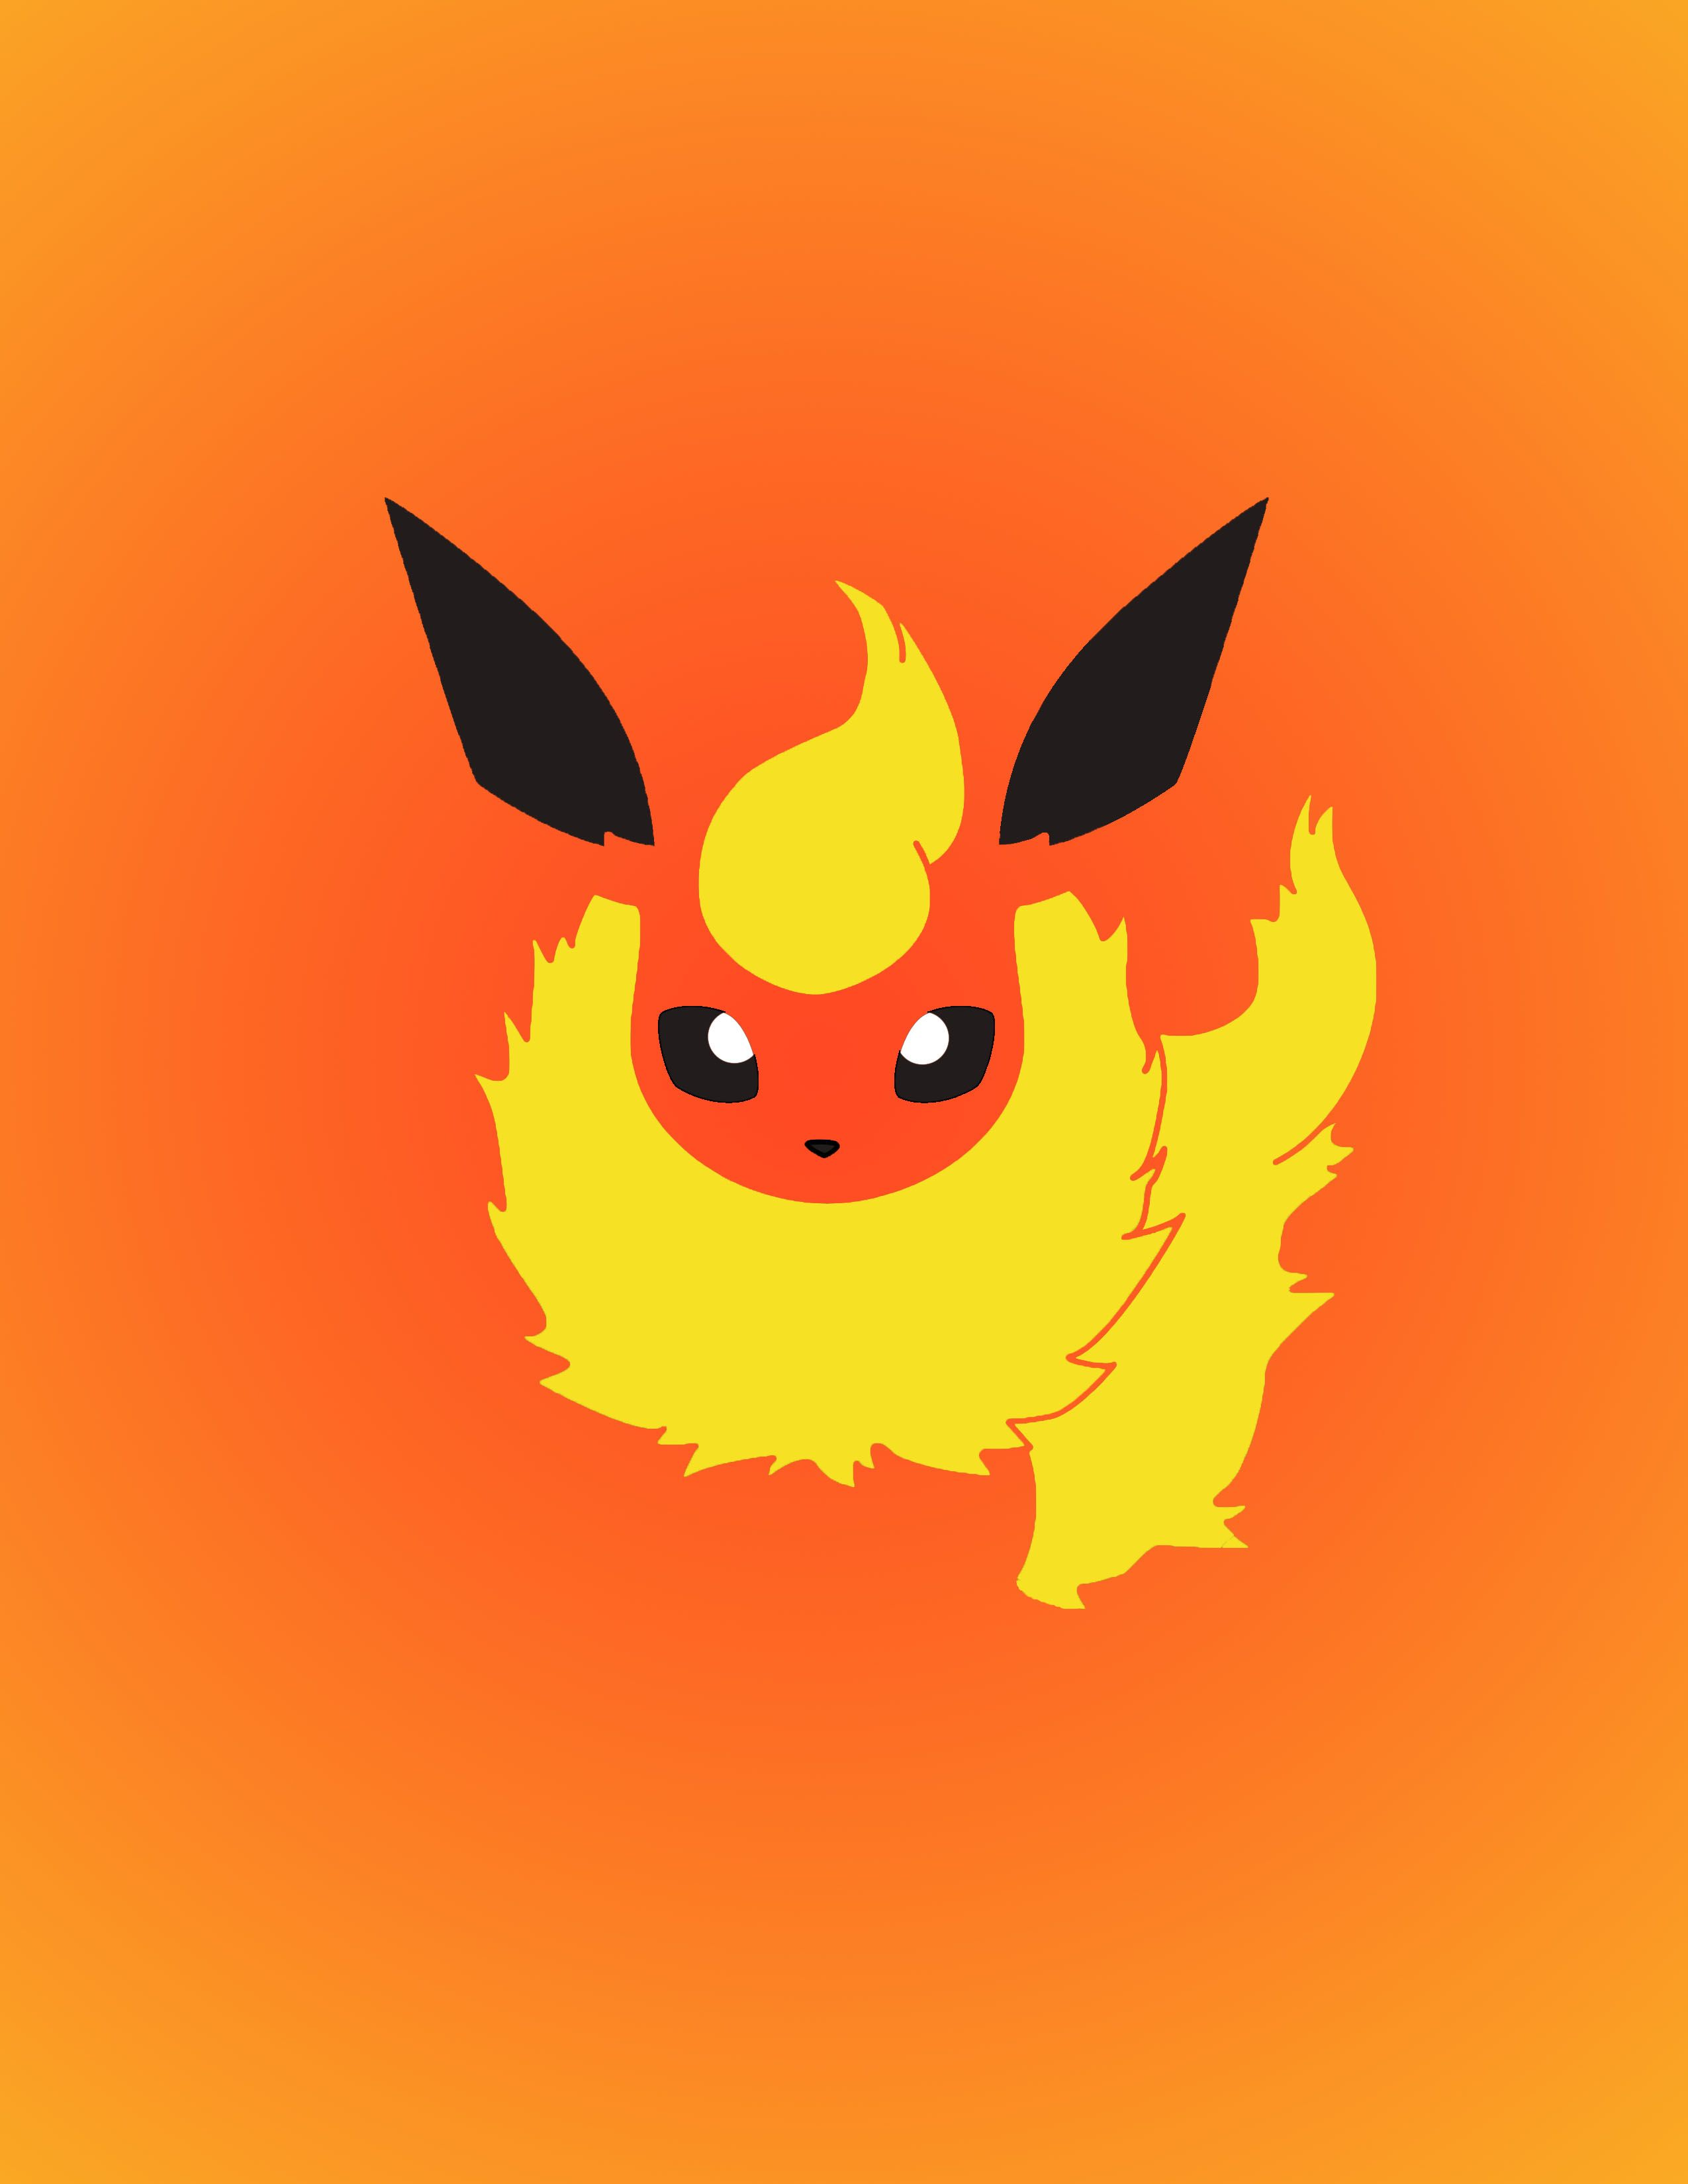 Eevee Gradient Collection Flareon Pikachu Wallpaper Eevee Pokemon Art